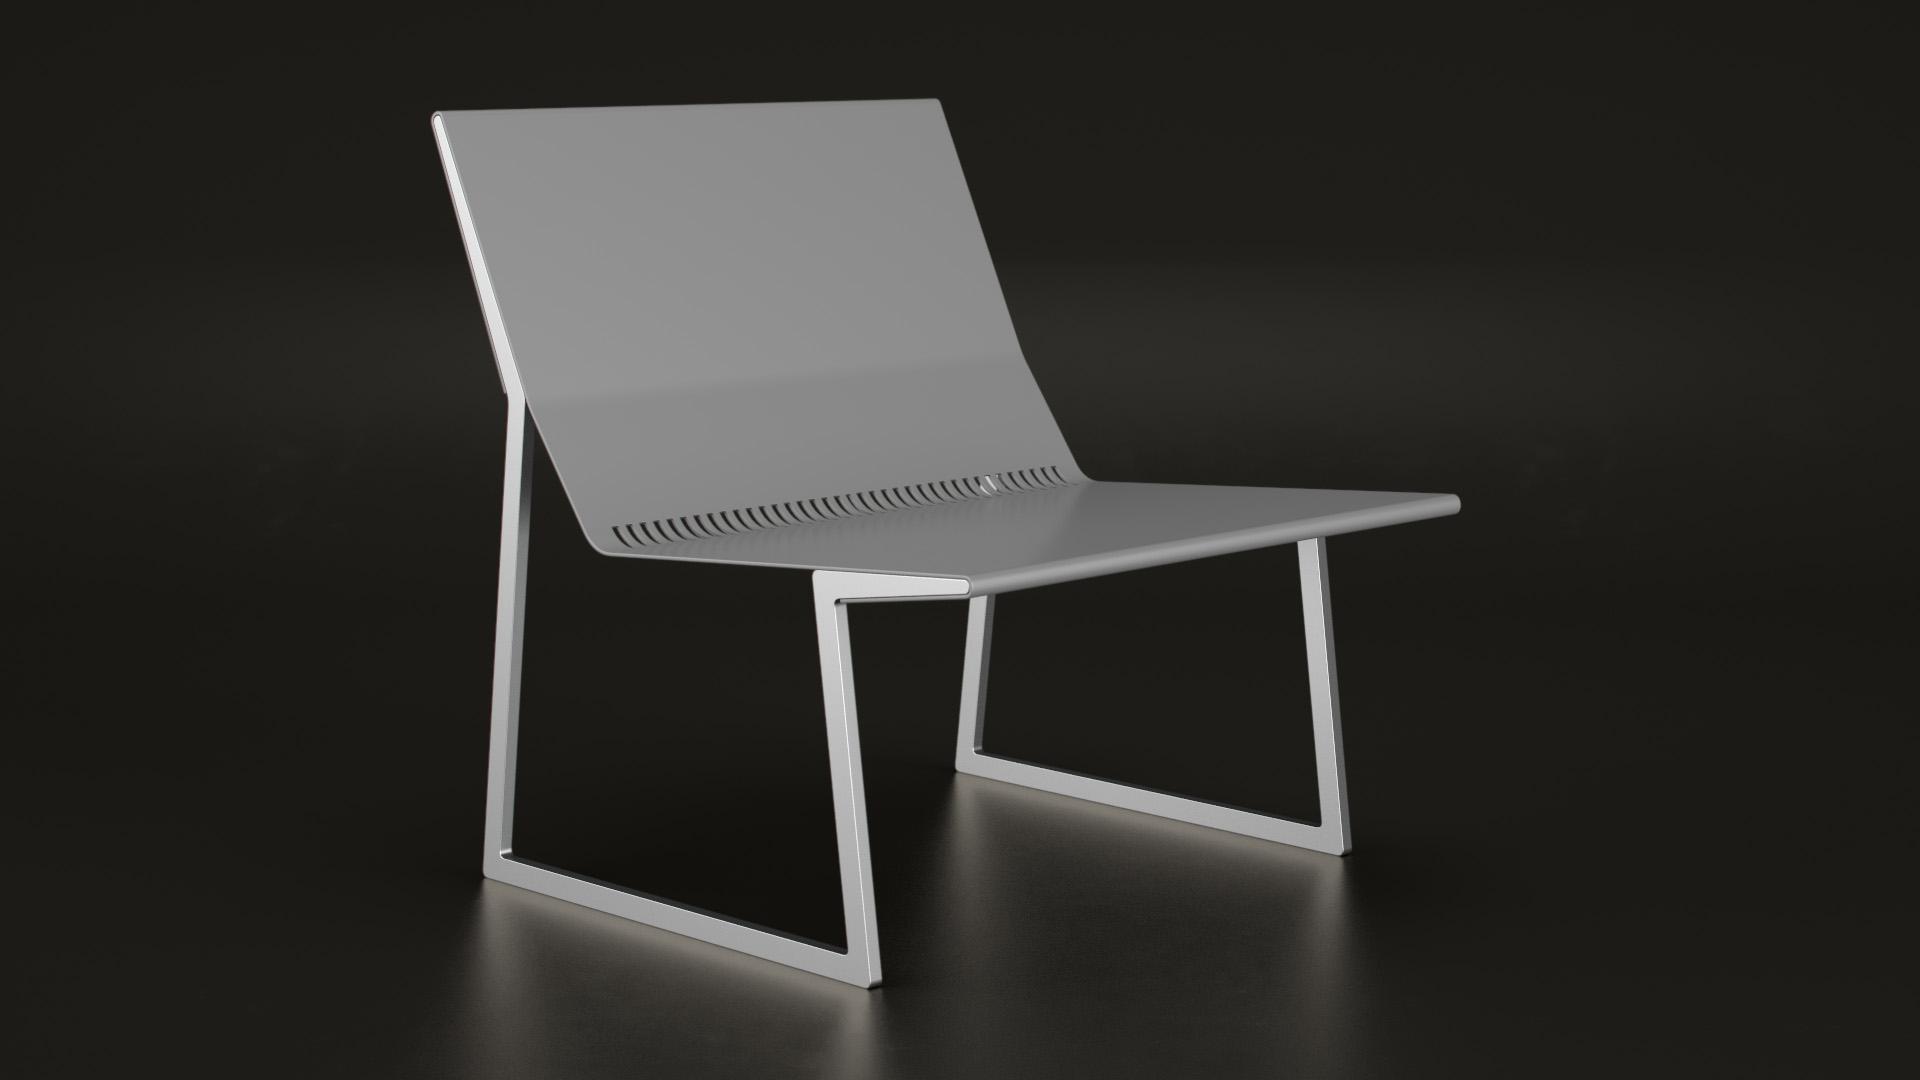 Tribu_Bird_Chair_BlackSet_01_V1.01_0000